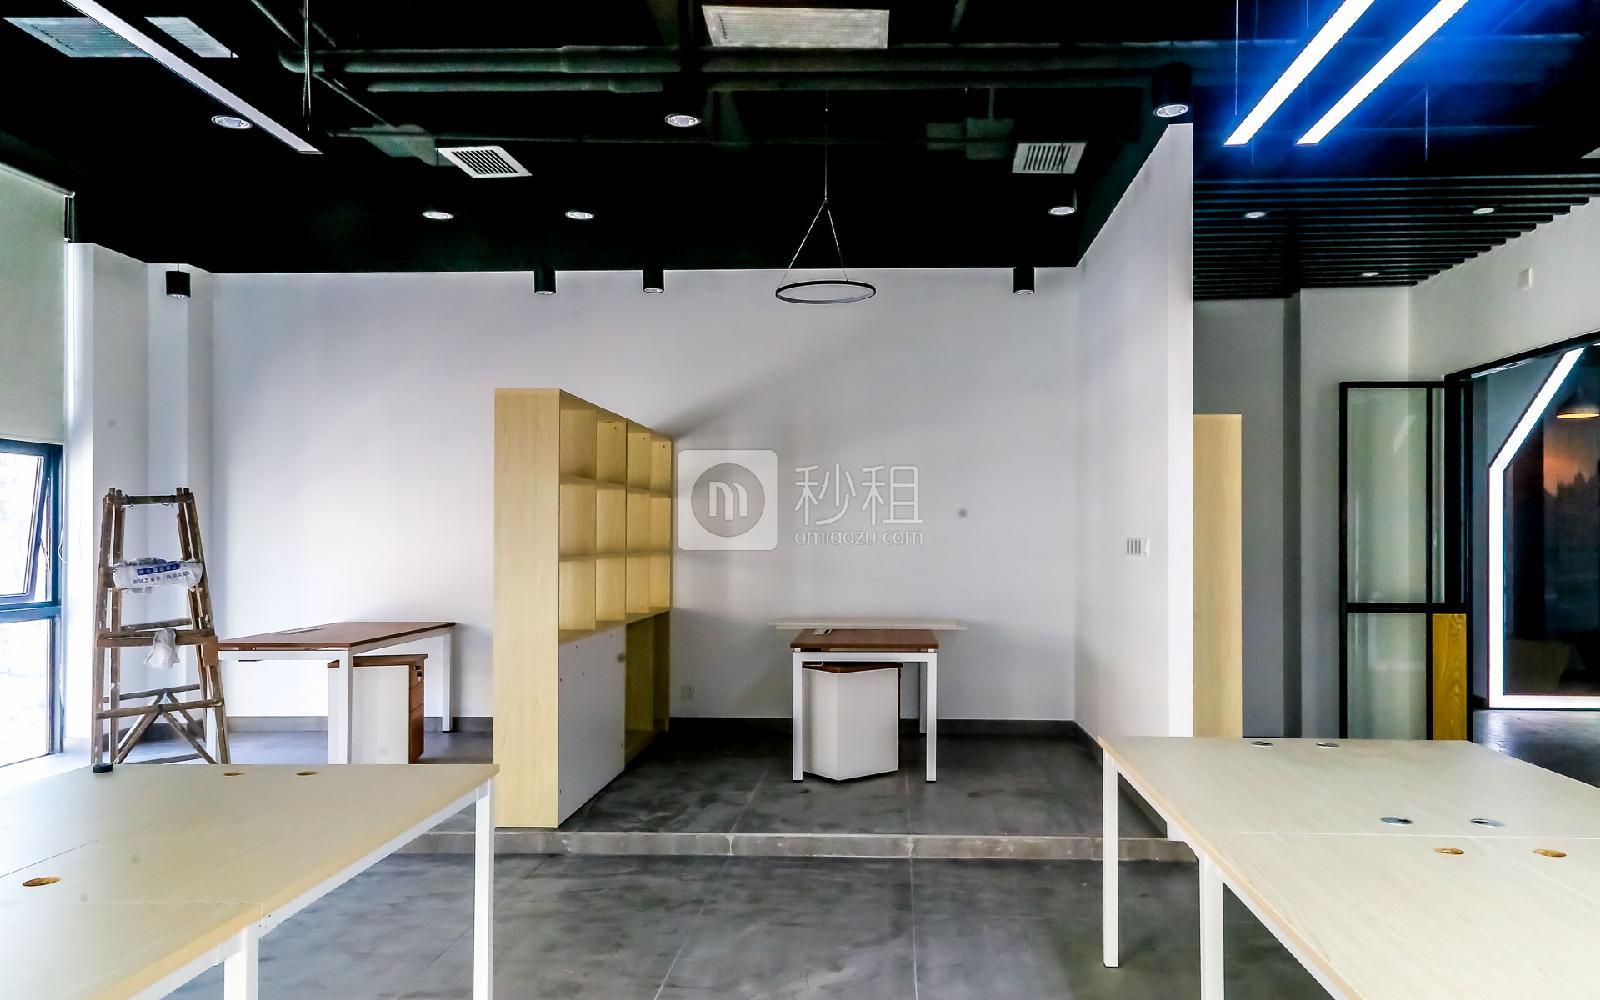 硅谷大院写字楼出租63平米精装办公室7460元/间.月